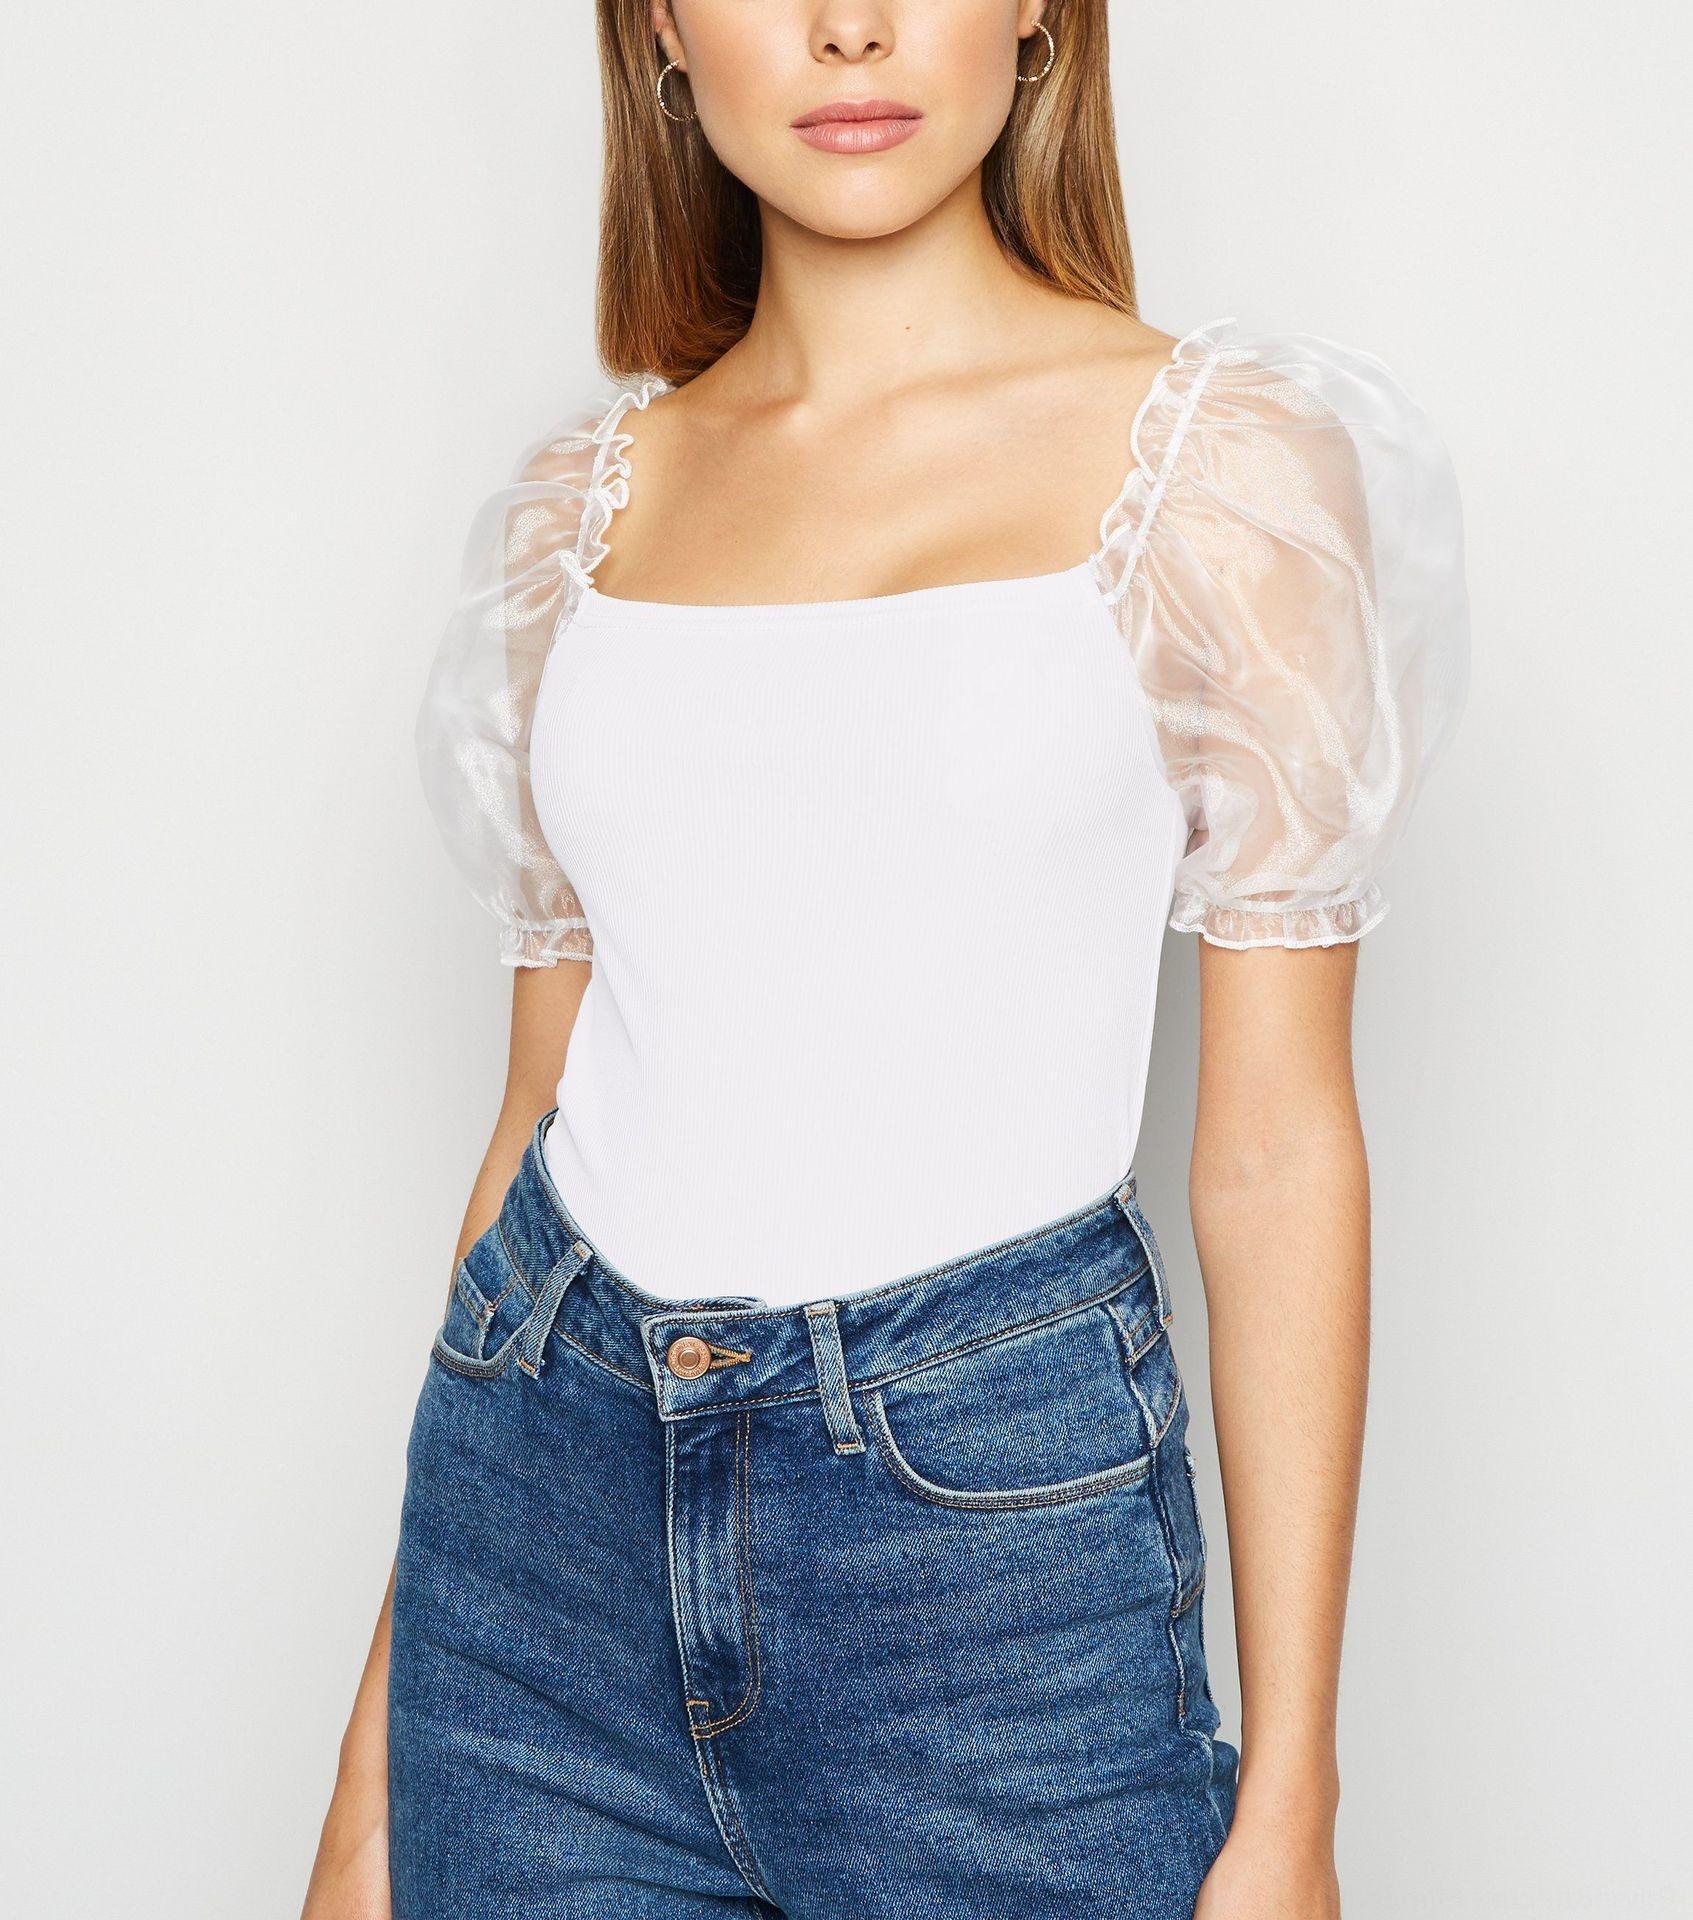 MrGiW 2020 kovanı organze kabarcık Seksi Coat Slim kısa kollu 2020 organze kabarcık Kadın Seksi Top Coat tişört Kadın Dar kesim shor uygun r3cqj